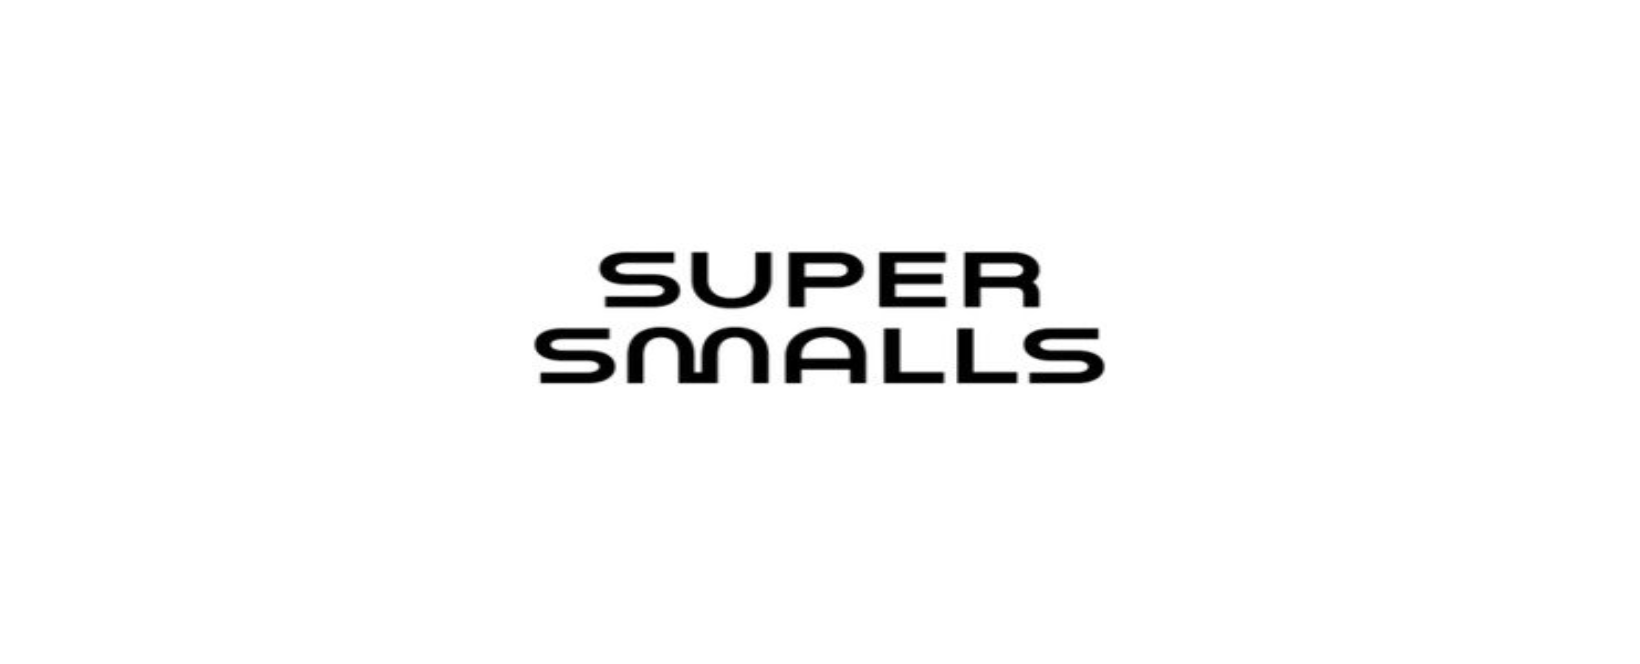 Super Smalls Discount Code 2021